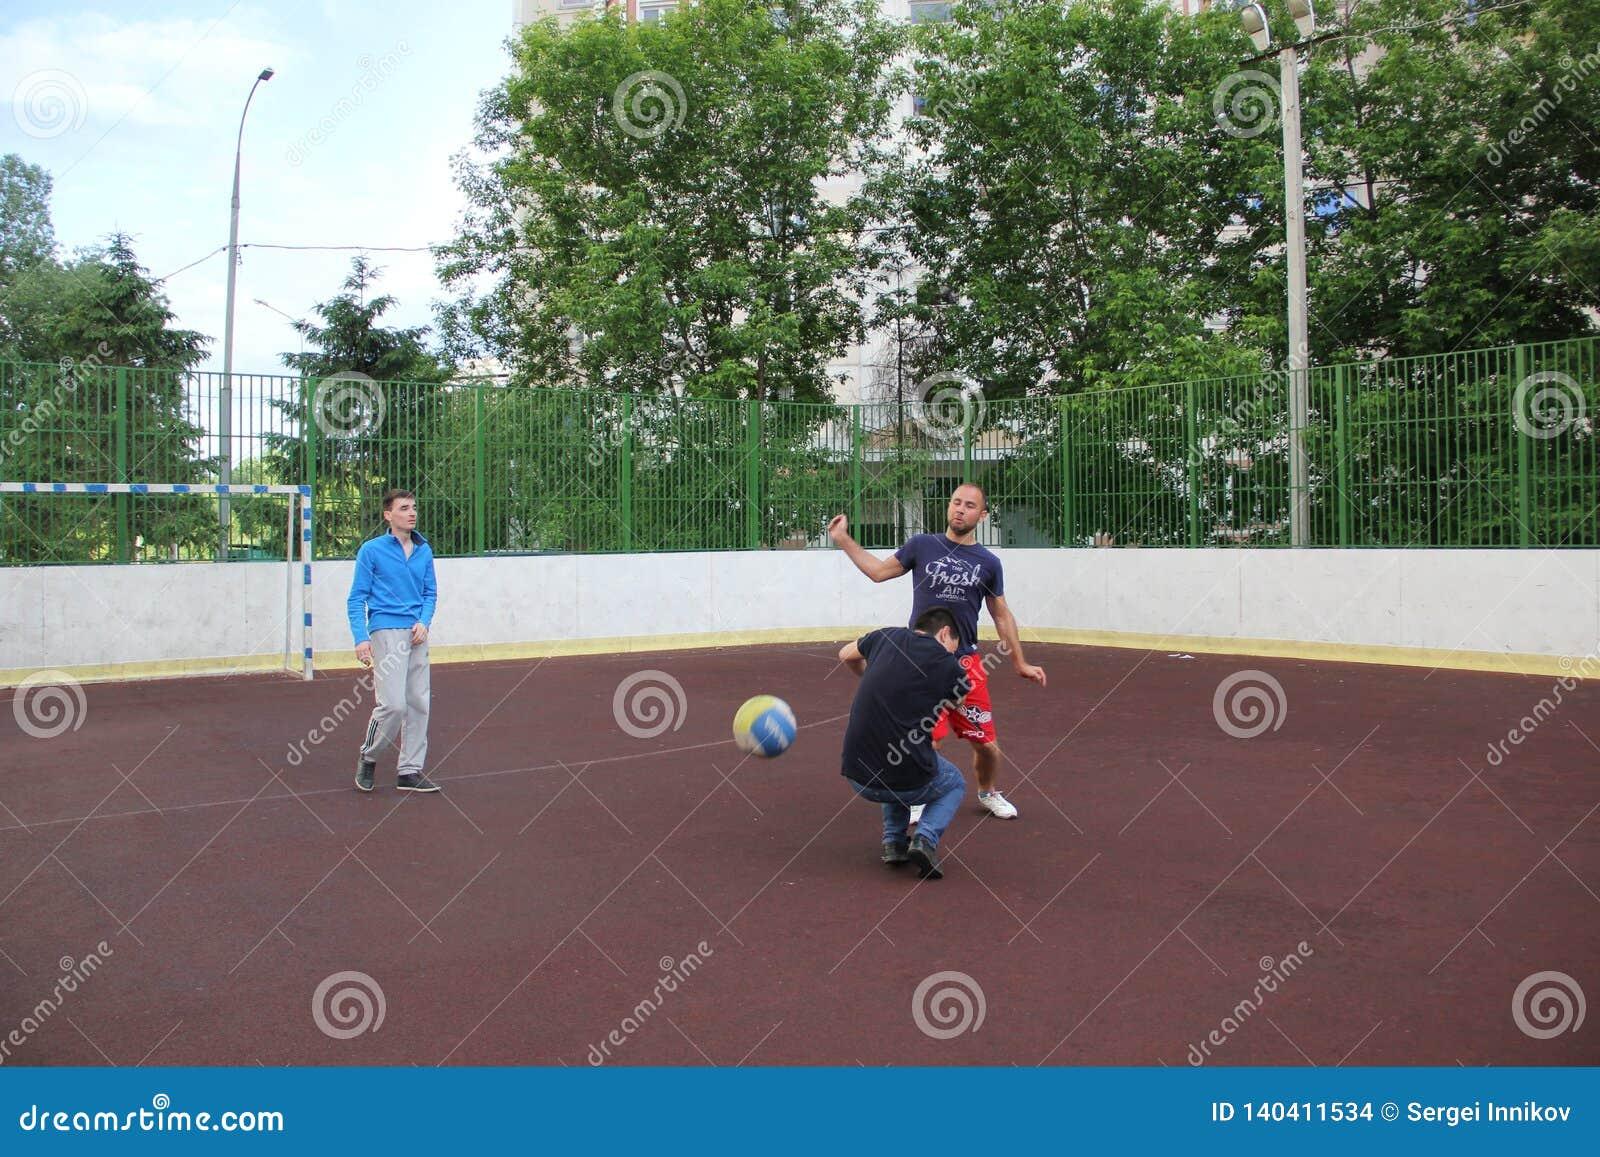 Moscovo, Rússia 5 de junho de 2015: jogo de voleibol na jarda